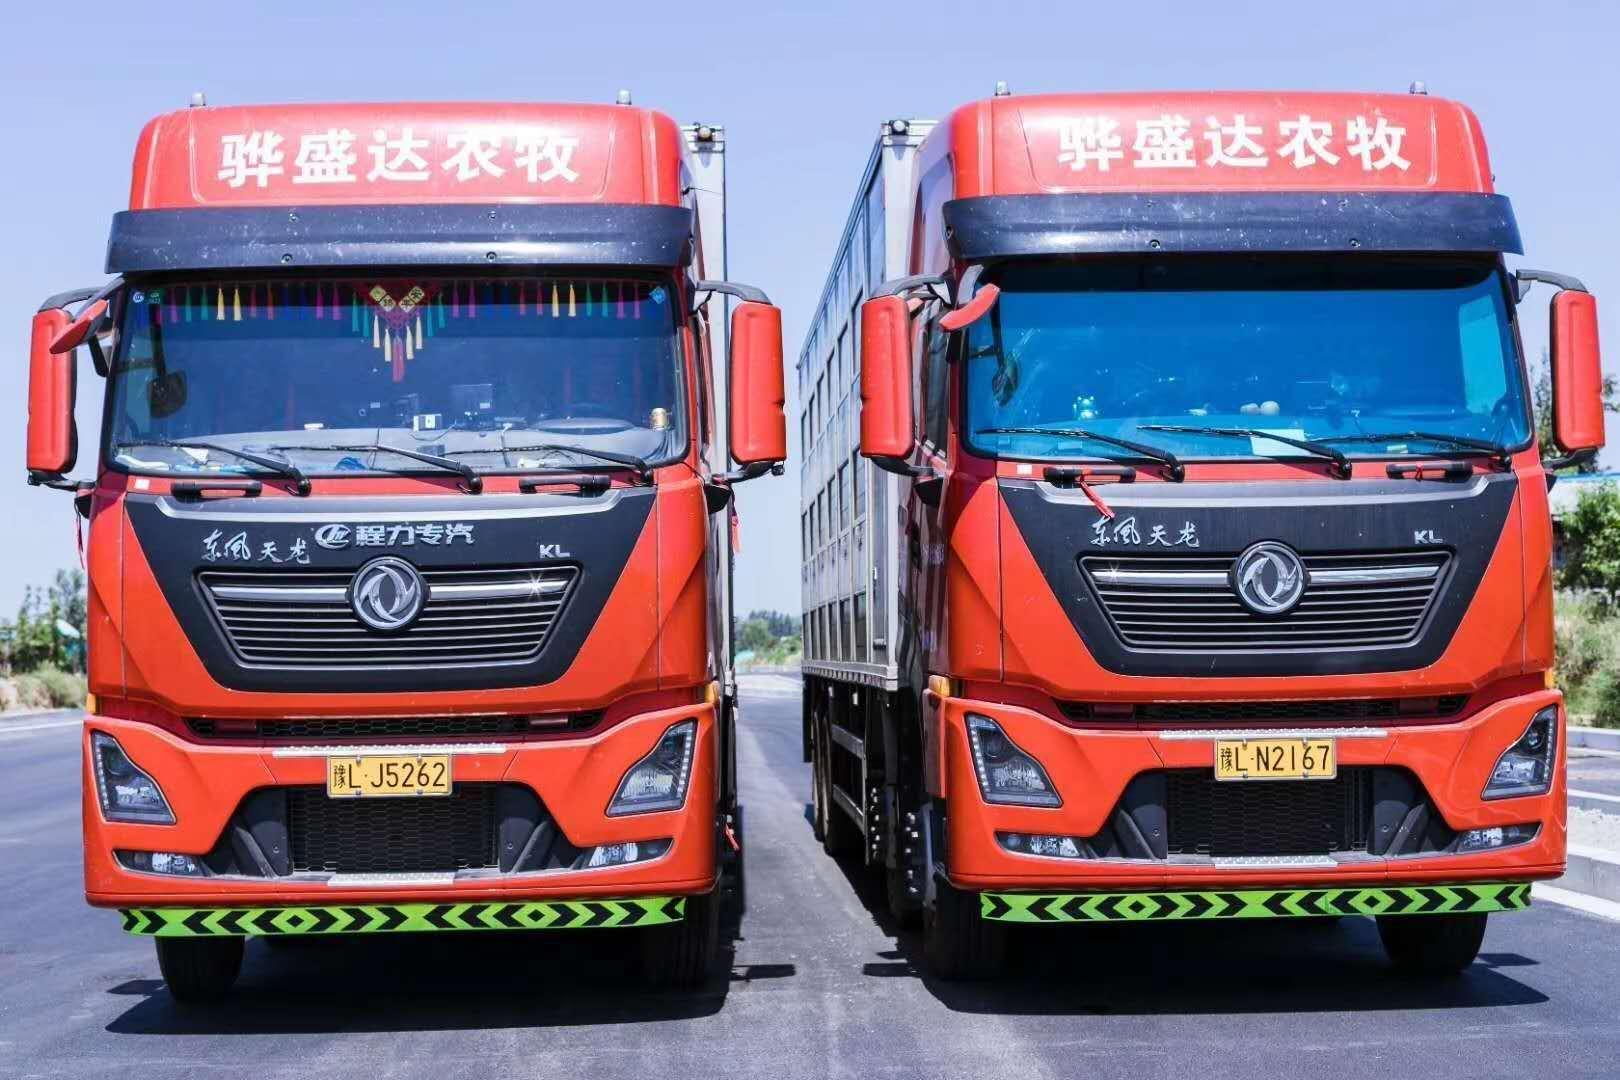 東風天龍9.6米恒溫拉豬車廠家直銷,火熱促銷中。圖片